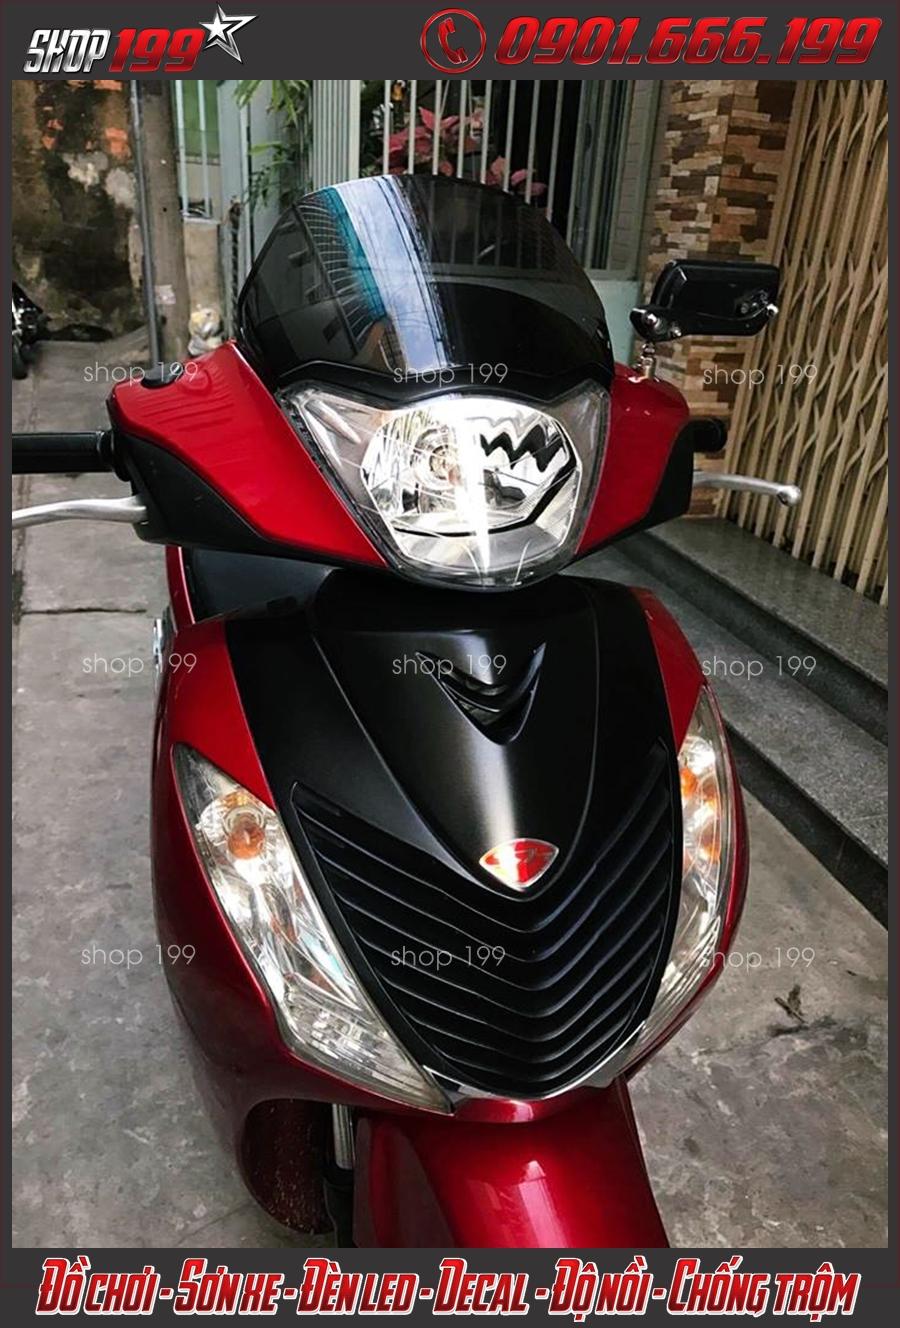 Photo: đầu xe SH 2010 2011 màu đỏ đẹp và bắt mắt lên đời từ SH 2008 2007